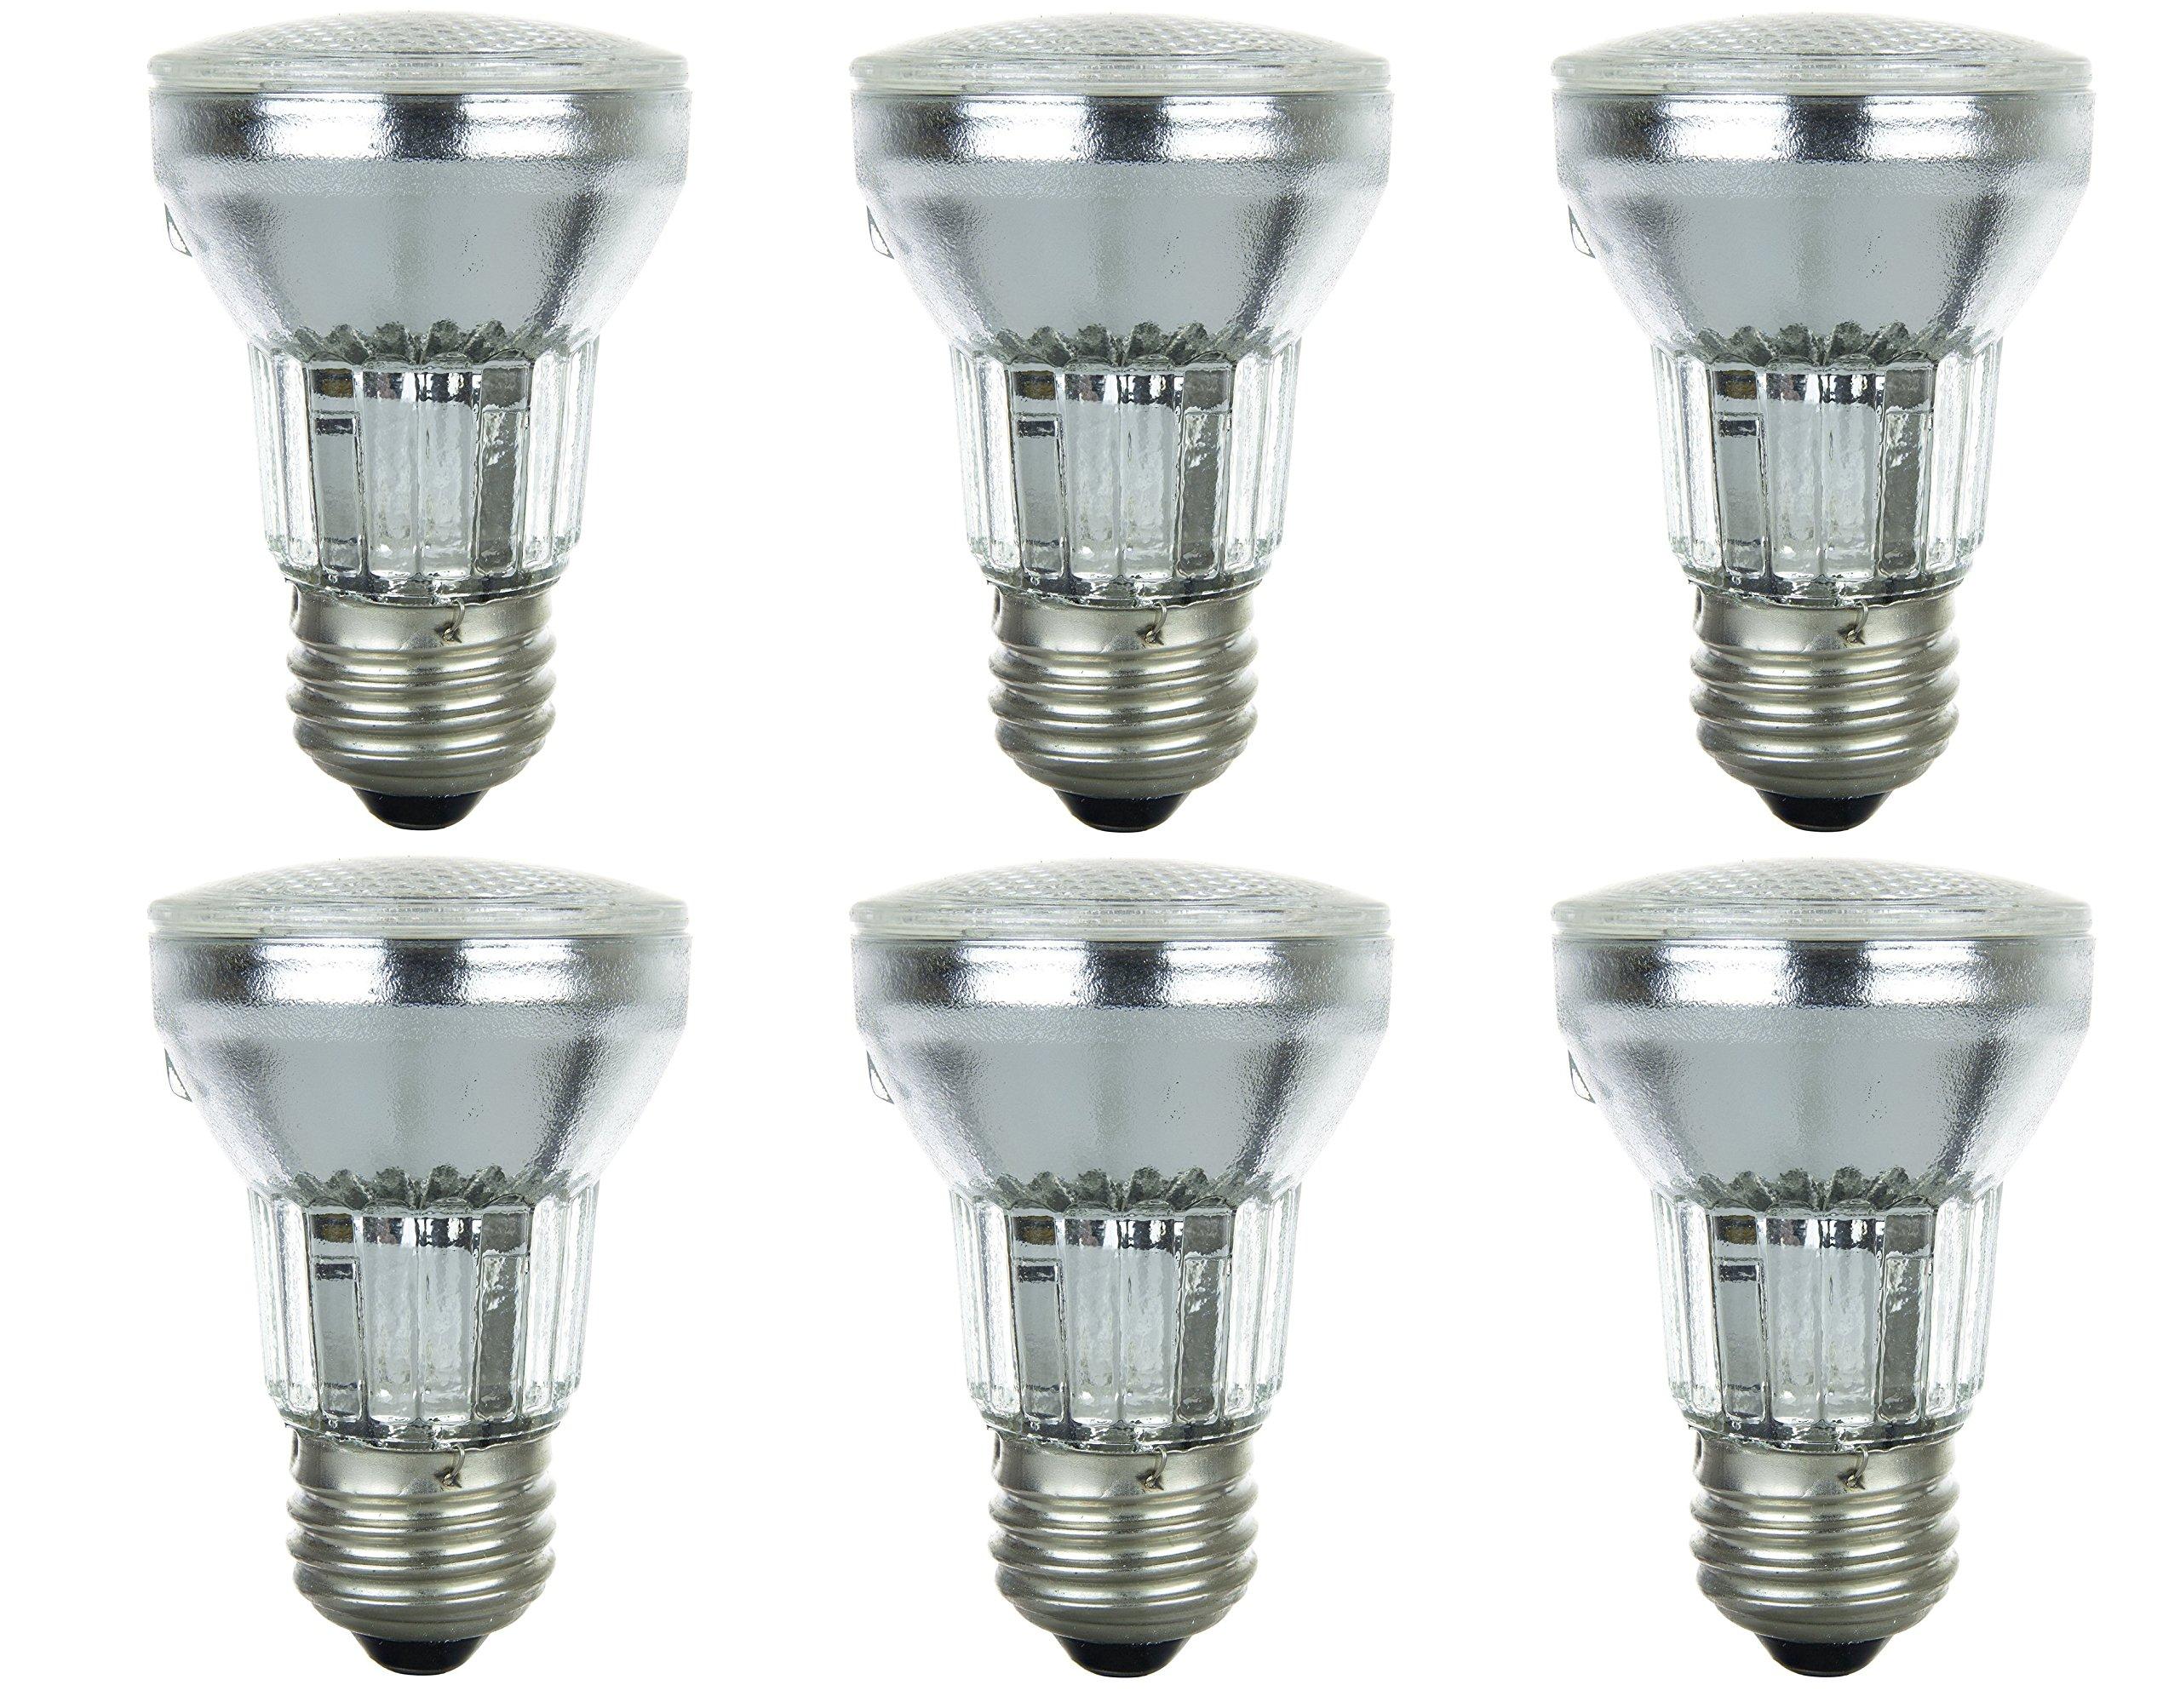 Pack Of 6 60PAR16/FL 120V 60 Watt 60W Dimmable PAR16 Flood 120 Volt Halogen Par 16 Light Bulbs